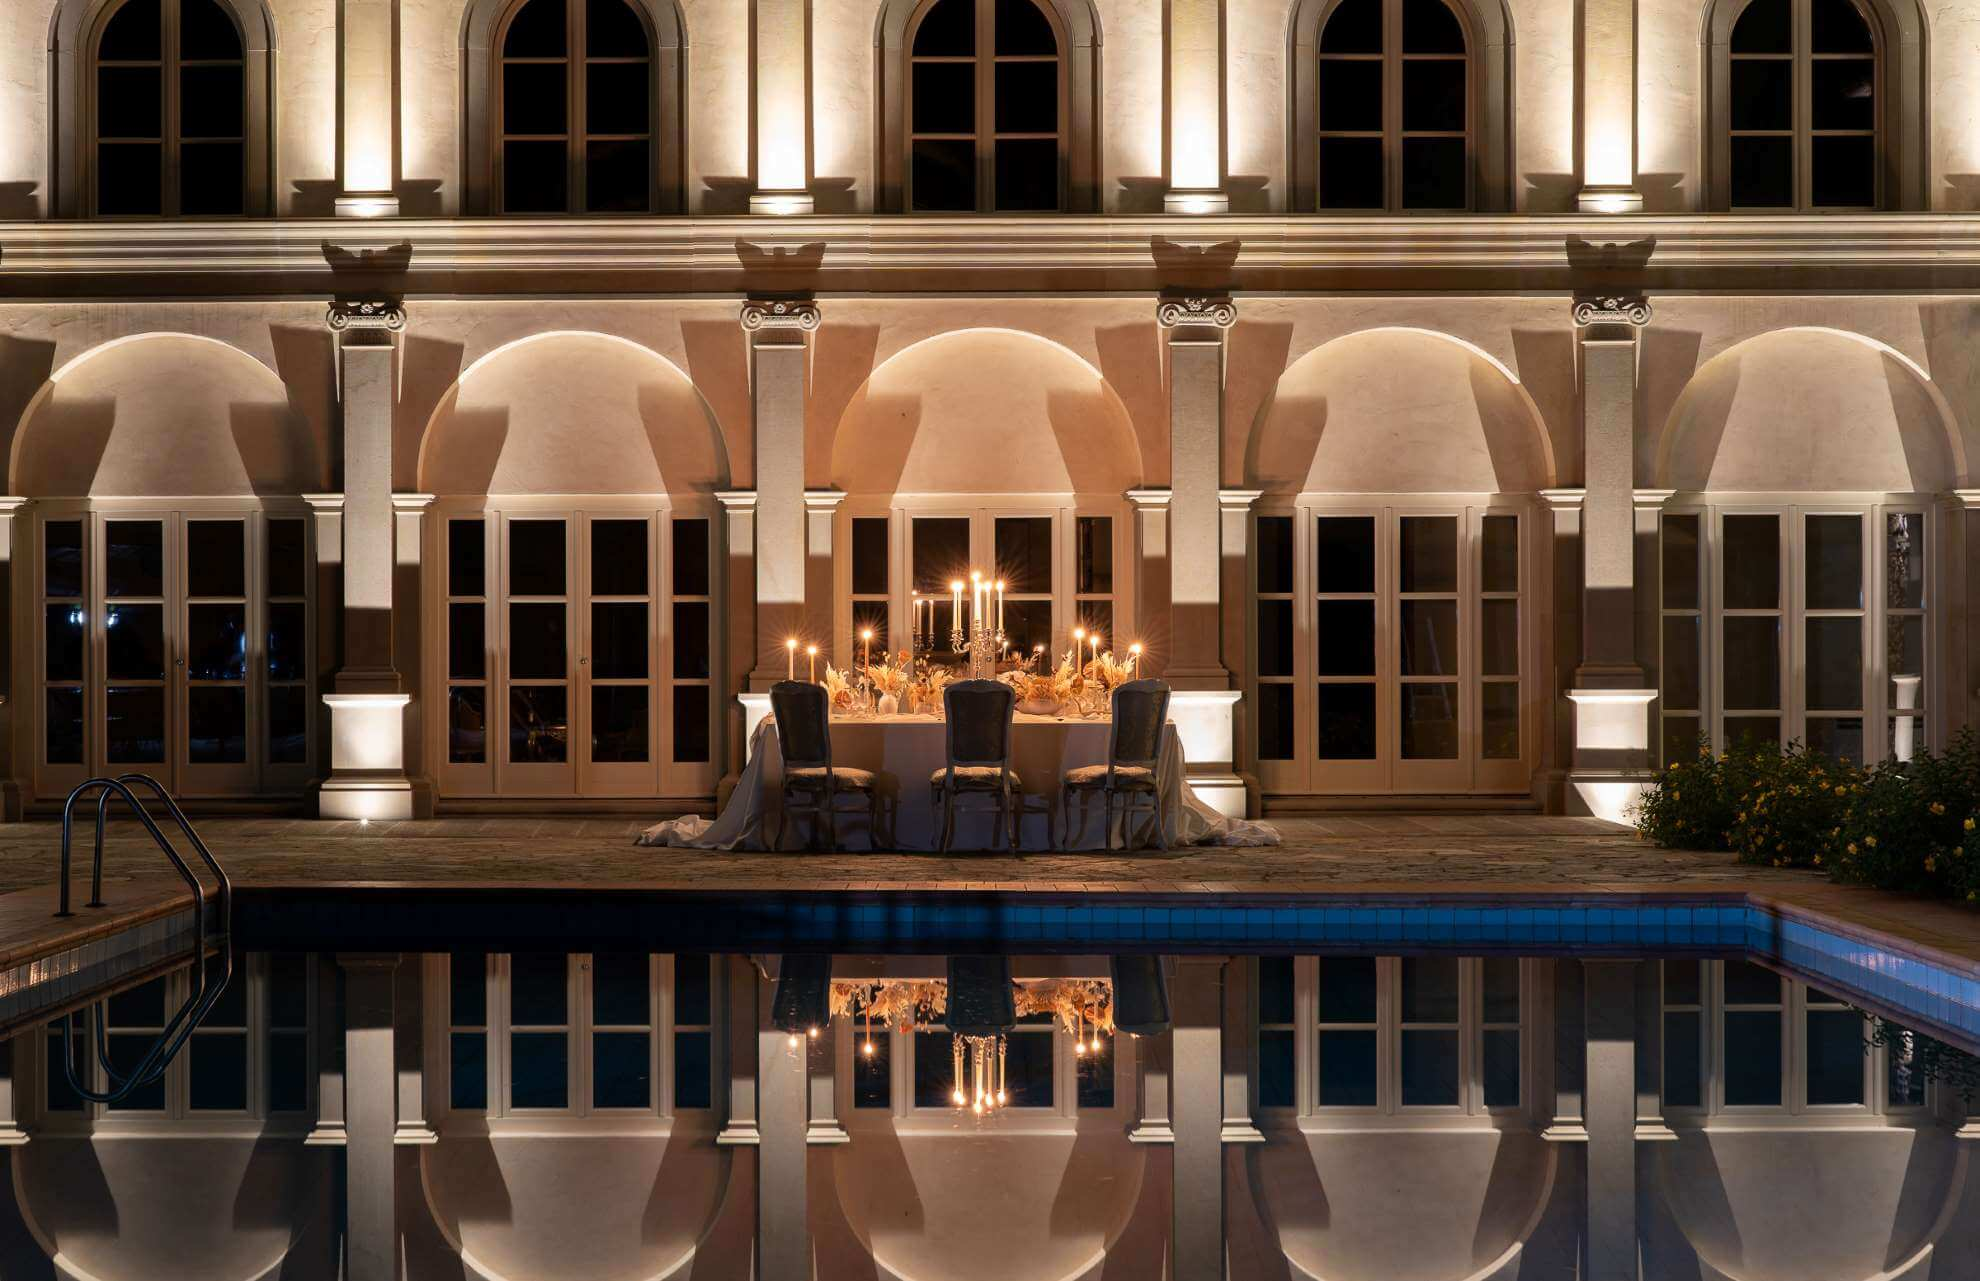 Tavolo banchetto nunziale a bordo piscina di un evento realizzato da Michela Valcaccia wedding e event planner